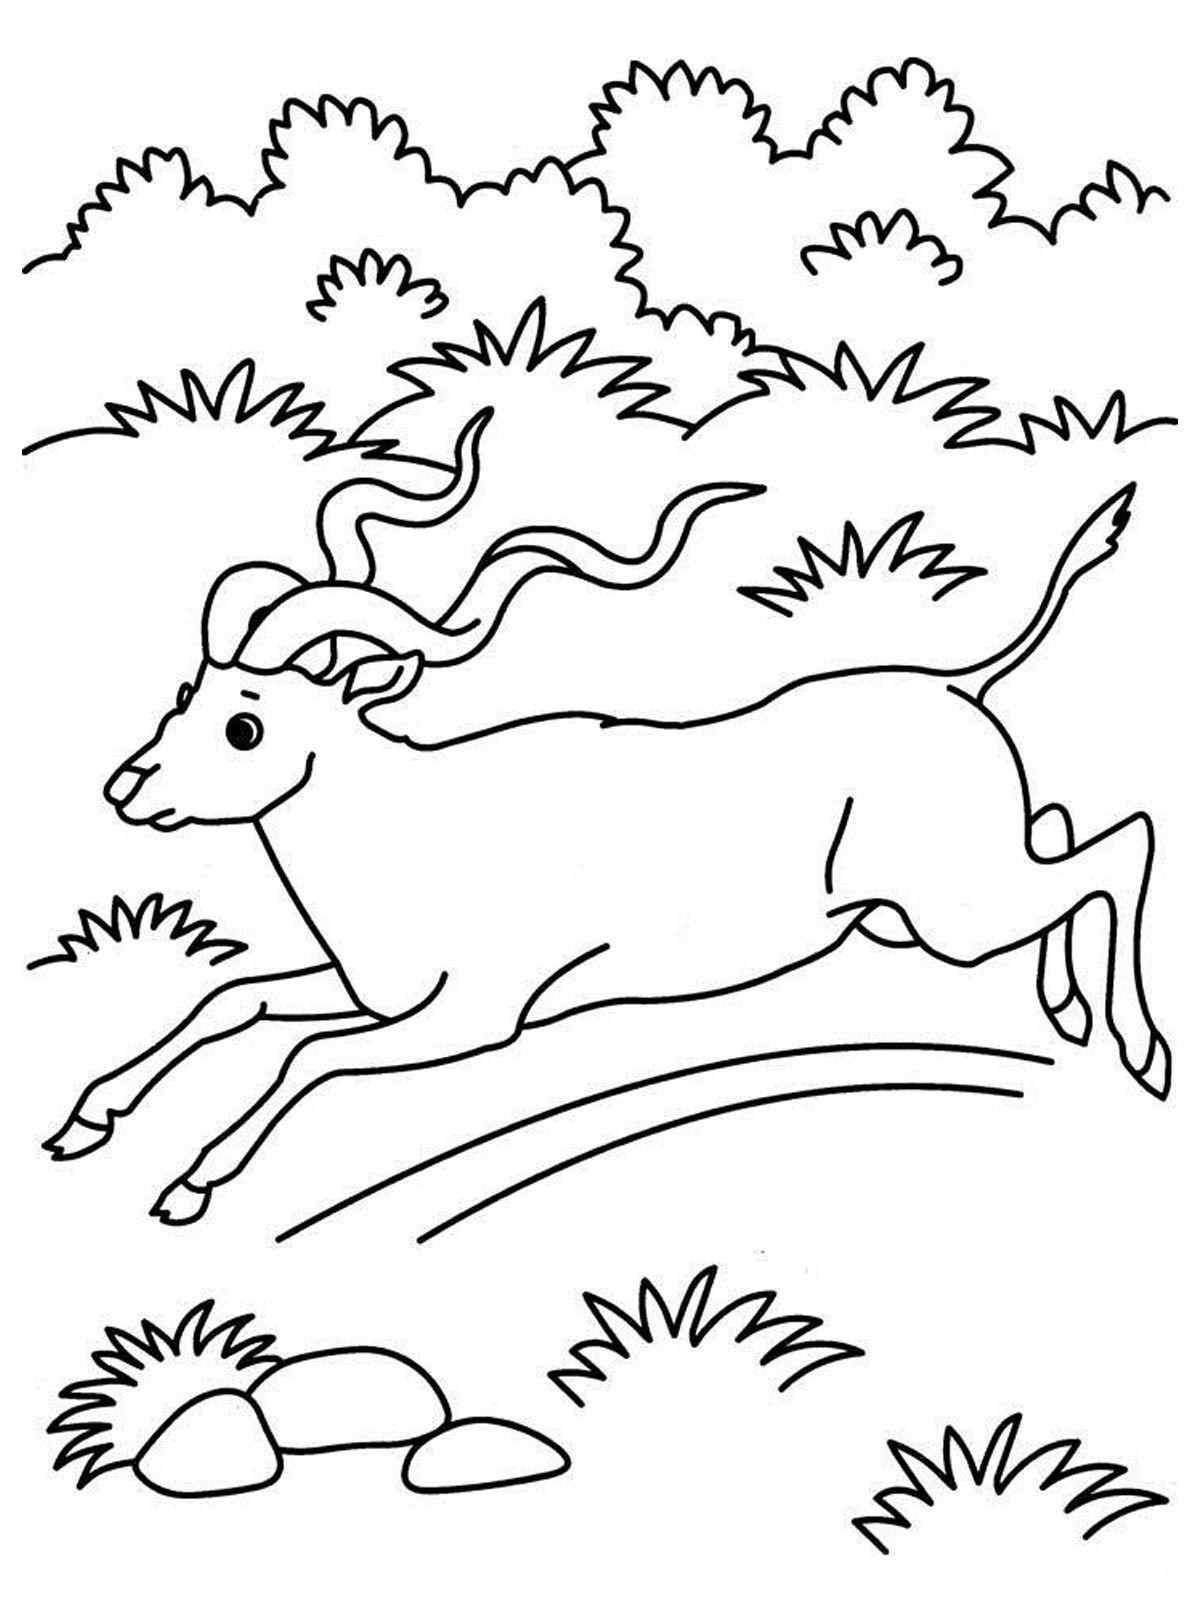 Antelope Running Kids Animal Printable Coloring Pages Desert Animals Coloring Animal Coloring Books Animal Coloring Pages [ jpg ]